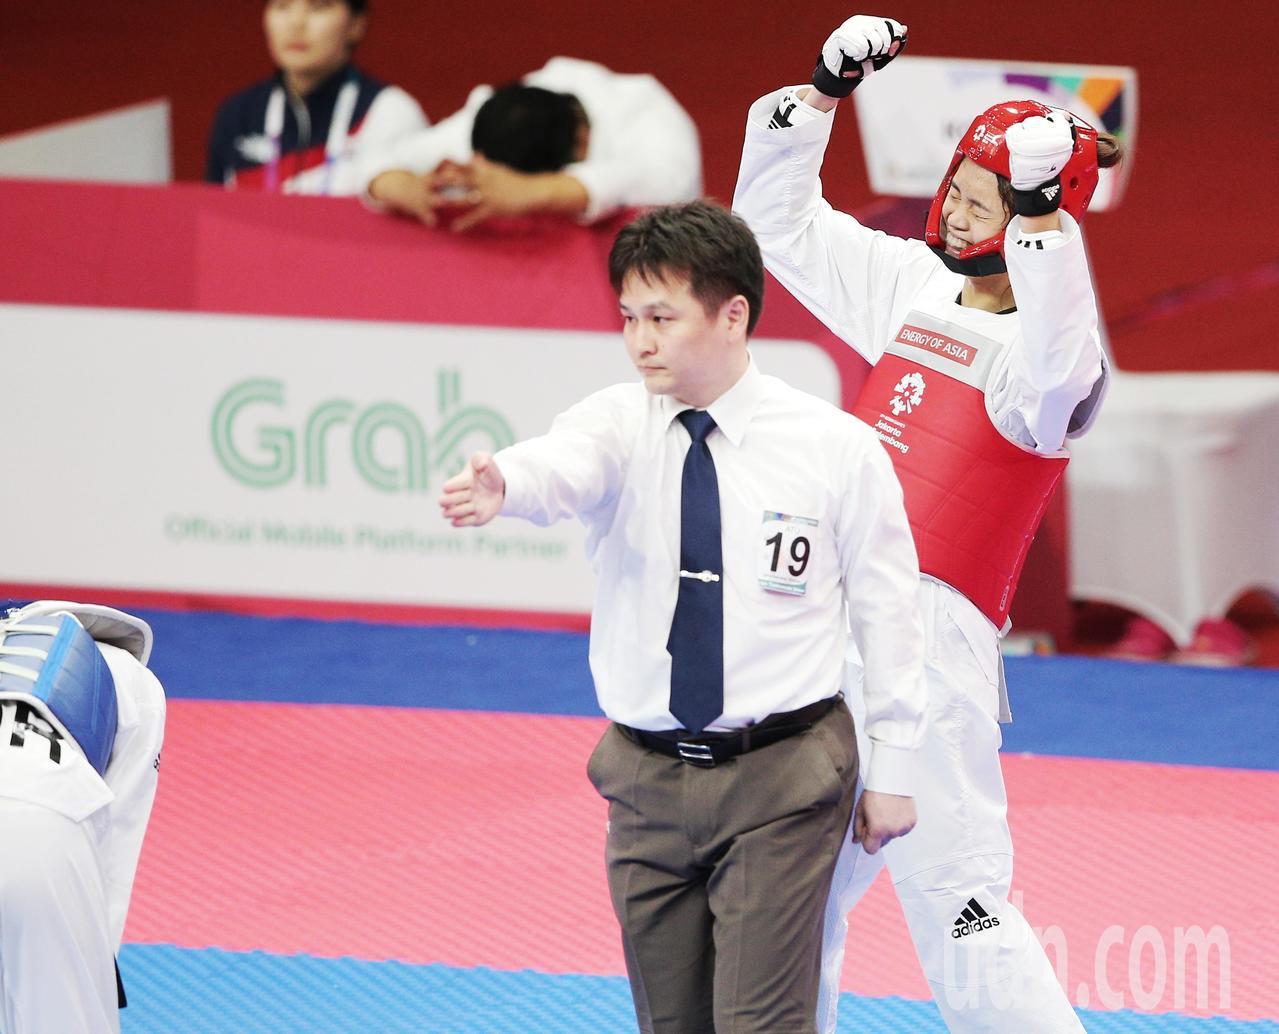 中華蘇柏亞(右)跆拳道53公斤級奪金,狂歡慶祝。特派記者陳正興/雅加達攝影